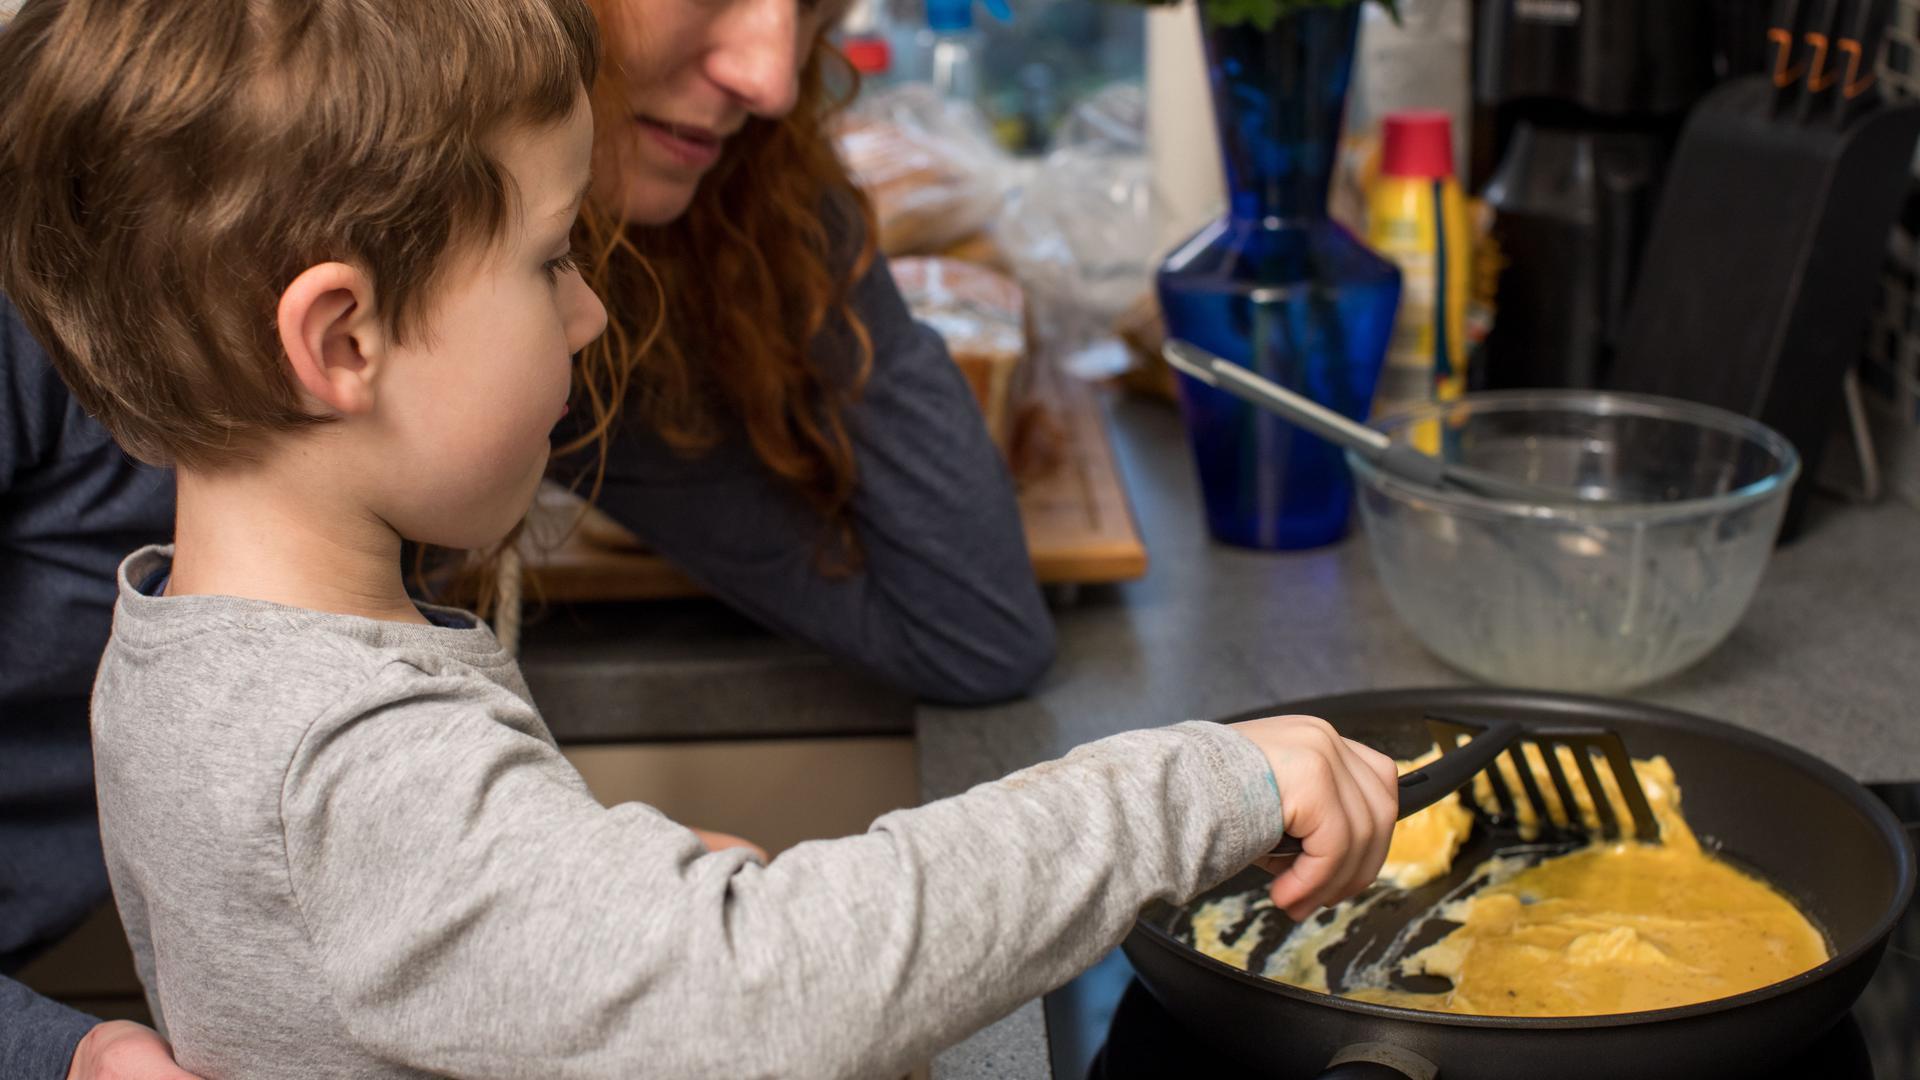 Zum Themendienst-Bericht vom 23. März 2020: Zu Hause gemeinsam kochen: In vielen Familien ist das Alltag. Dabei lassen sich Hygieneregeln gut an Kinder vermitteln.